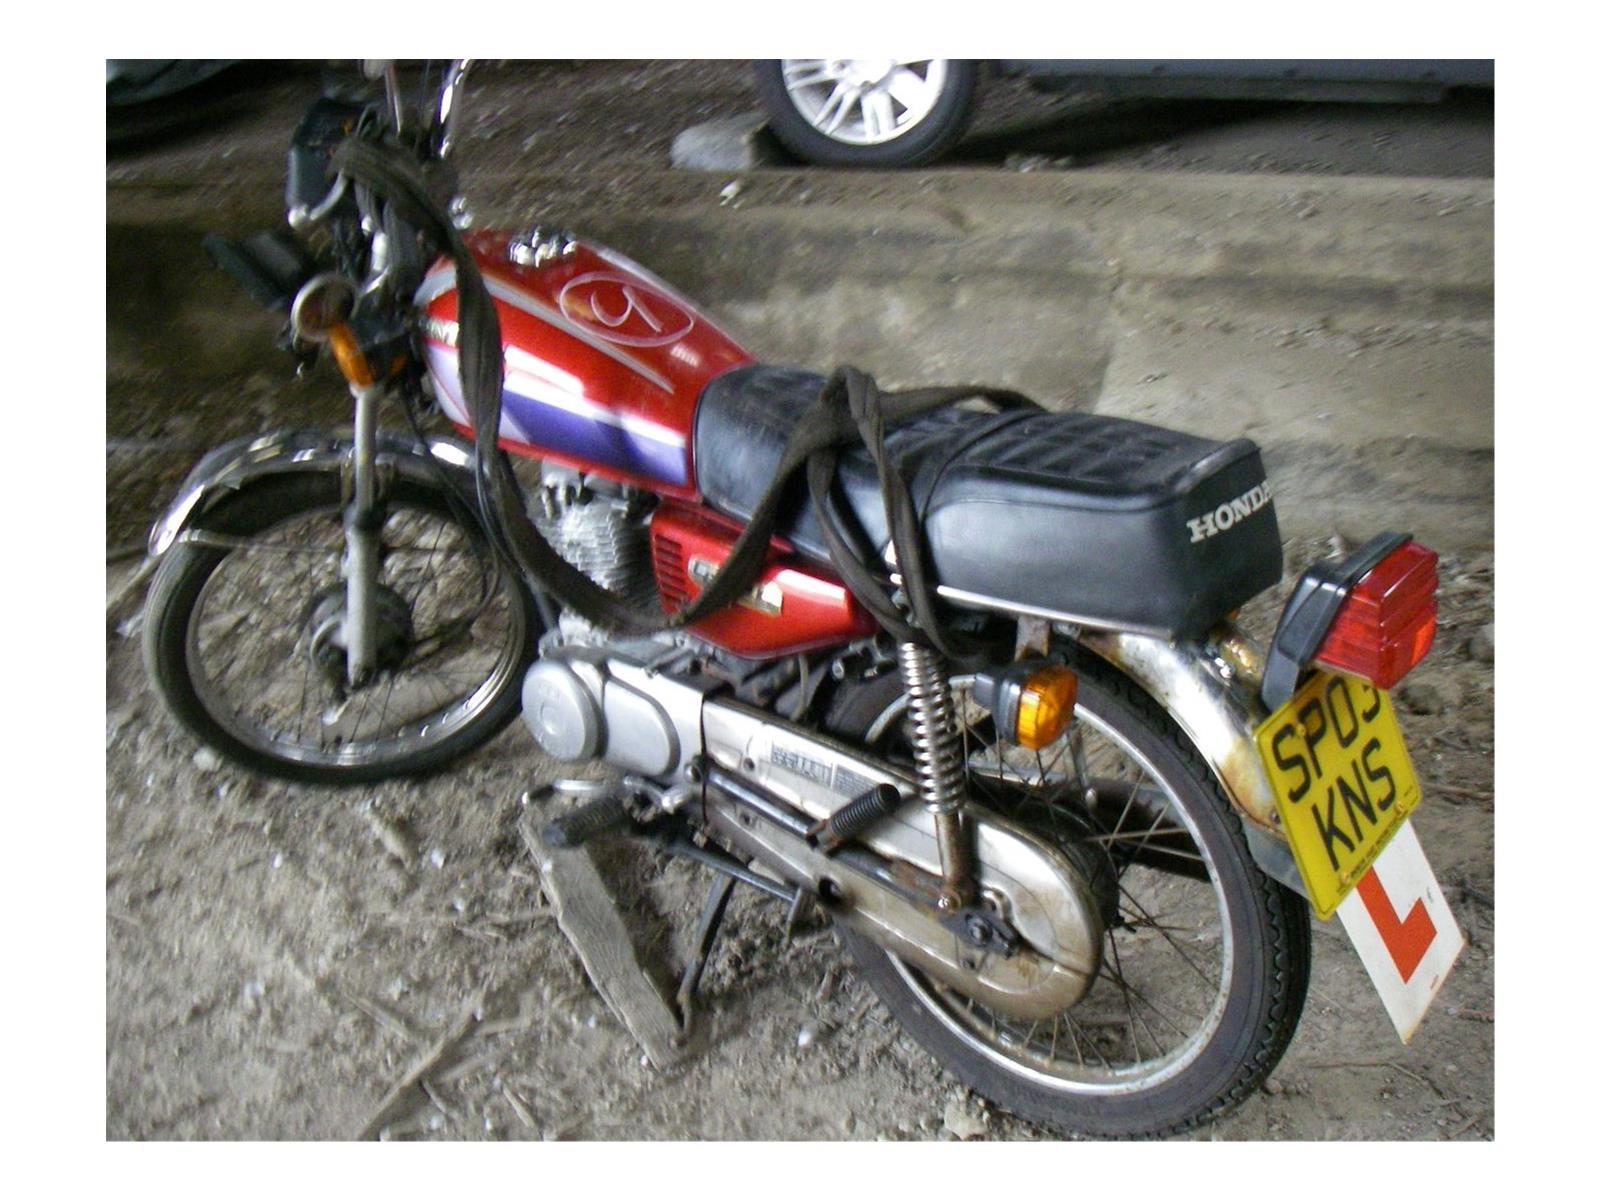 Honda CG 125 Road